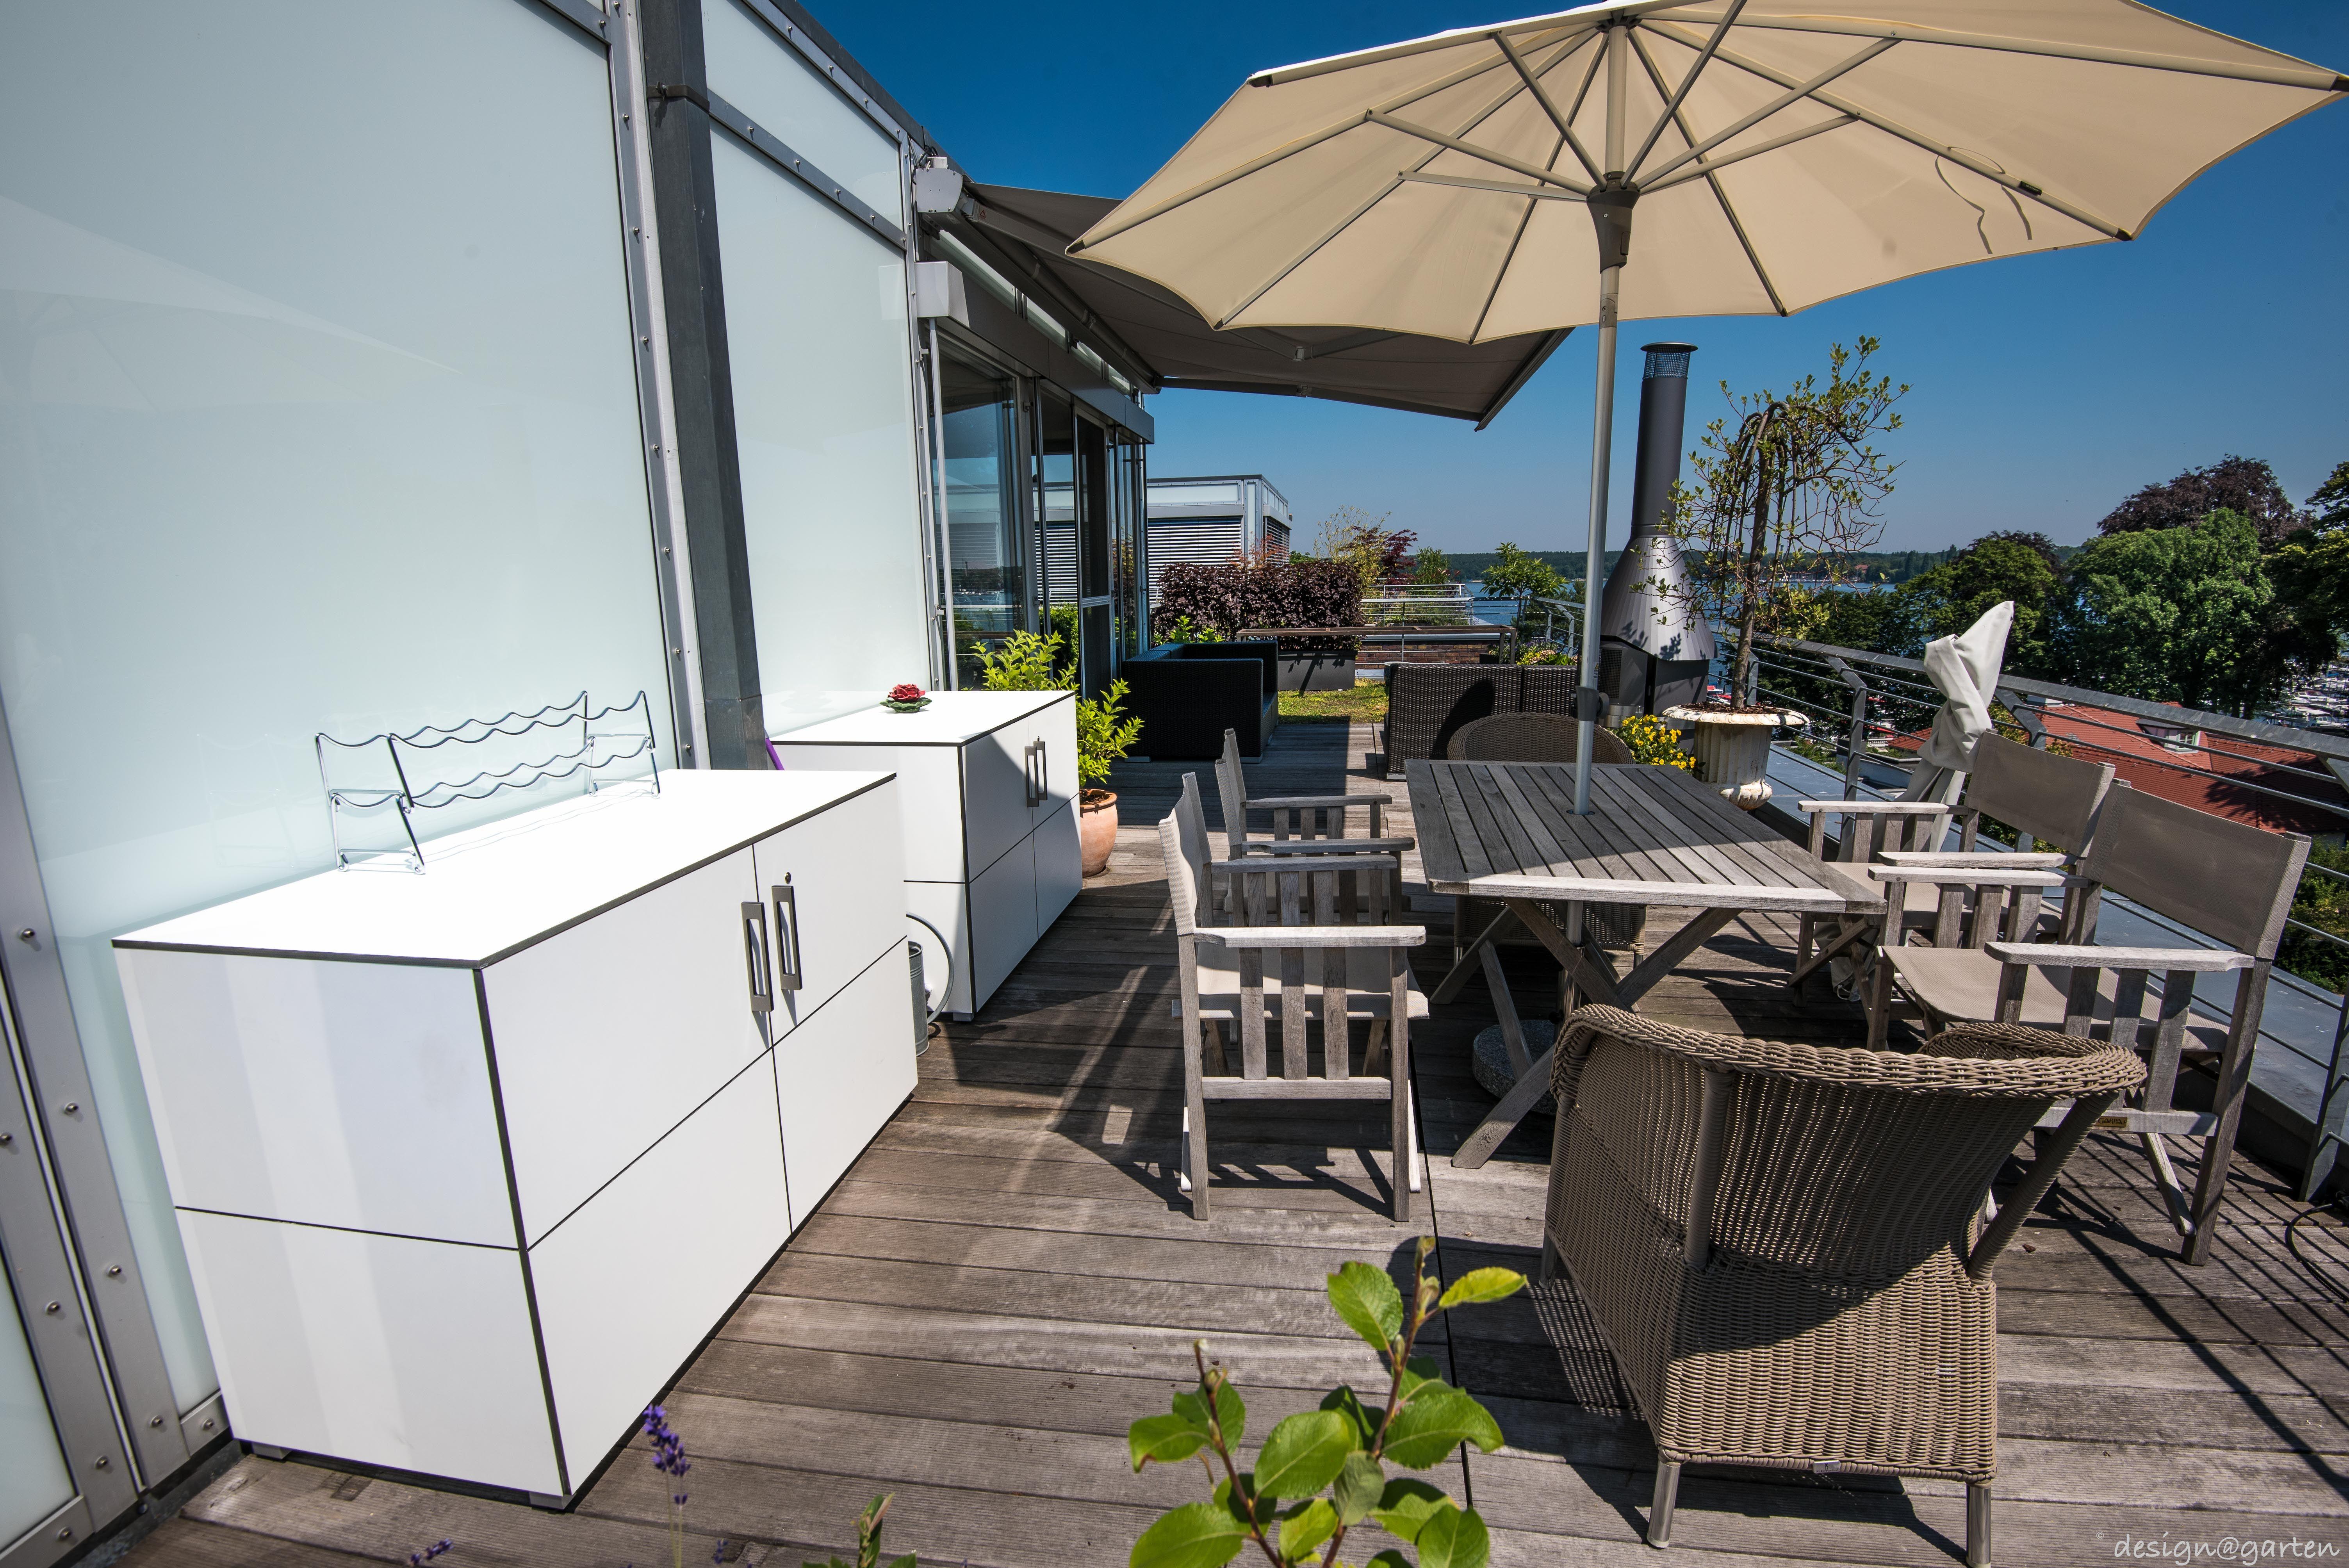 Balkonschrank Terrassenschrank Win In Berlin Wannsee 100 Wetterfest Und Uv Bestandig Balkonschrank Terras Gartenschrank Balkonschrank Terassenideen